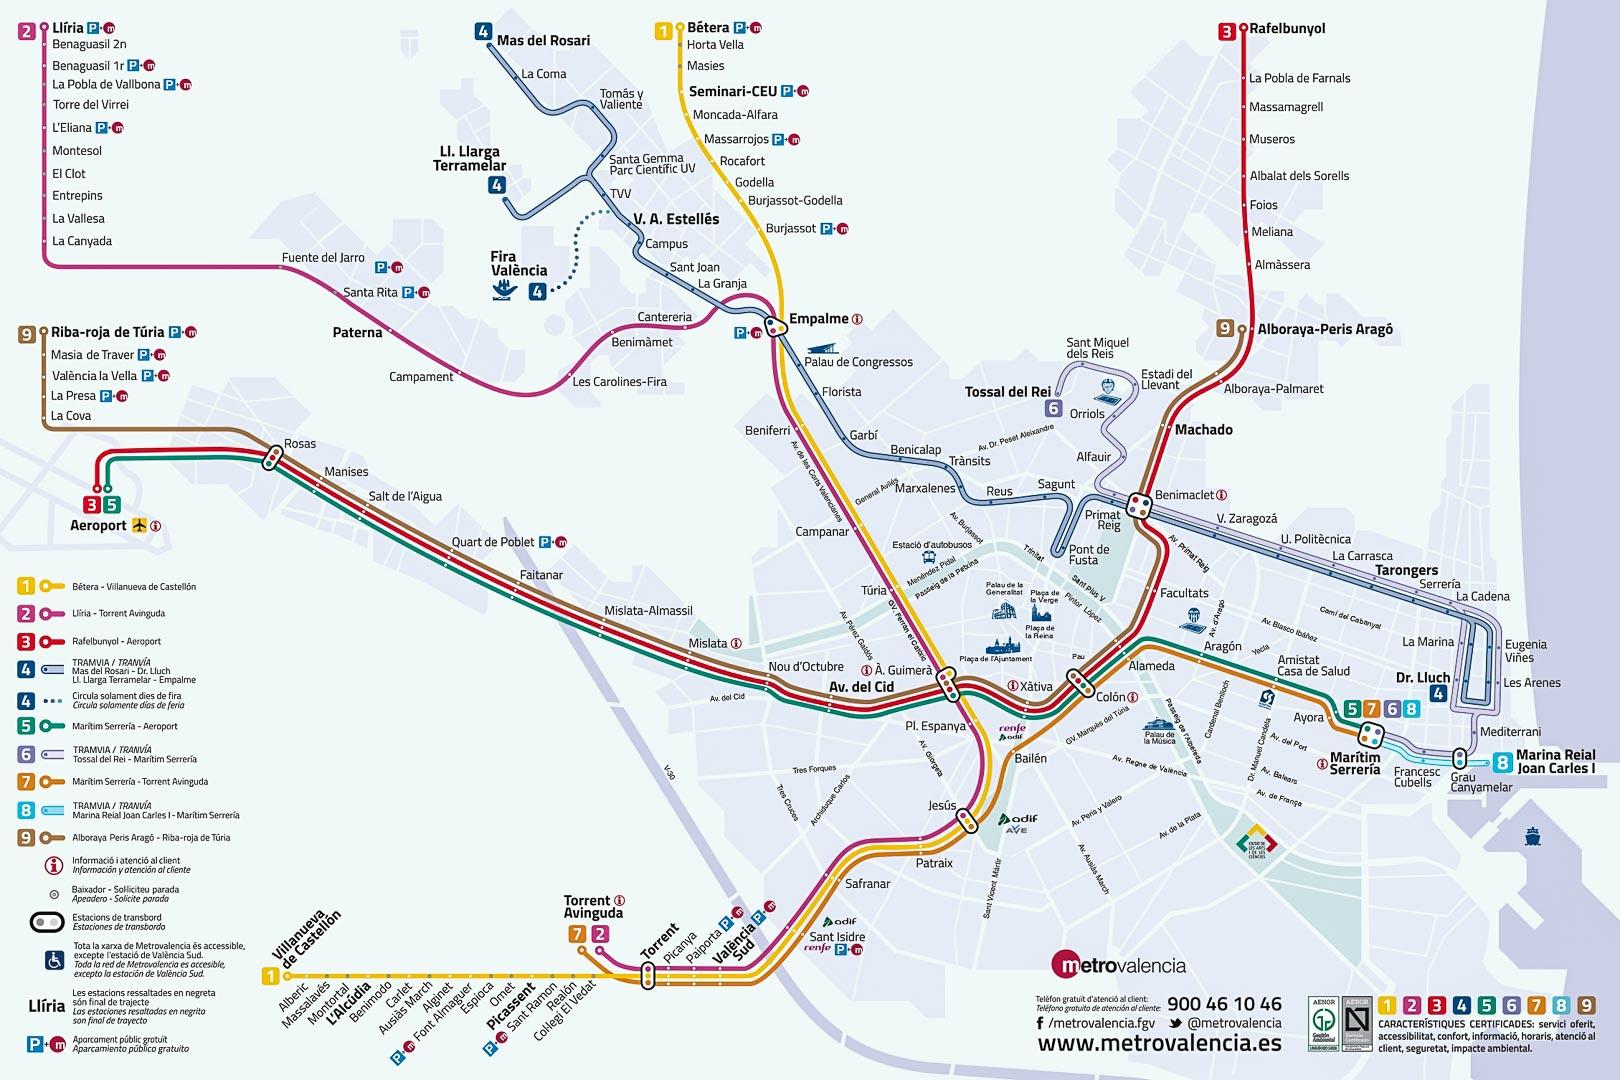 Mappa della metro di Valencia